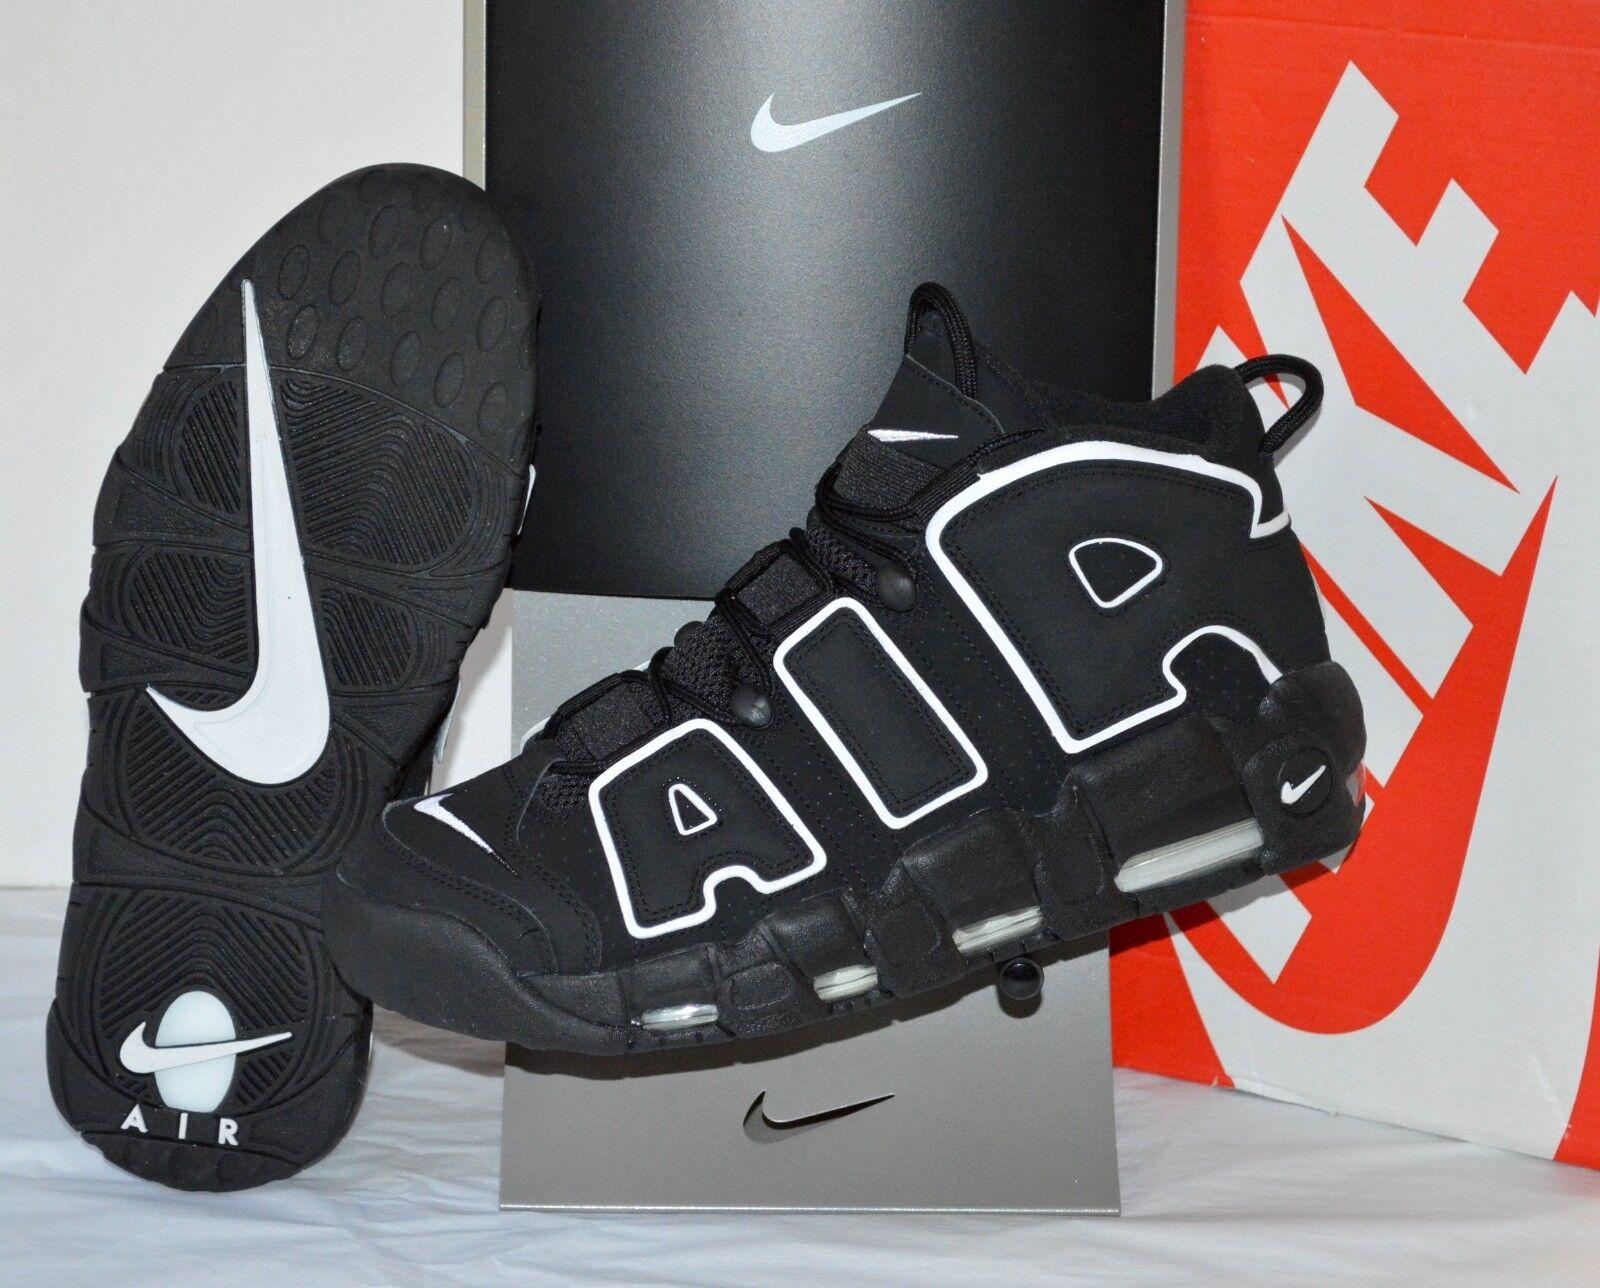 Nike Air More Uptempo 2016 Retro Black White sz 11 Scottie Pippen Max